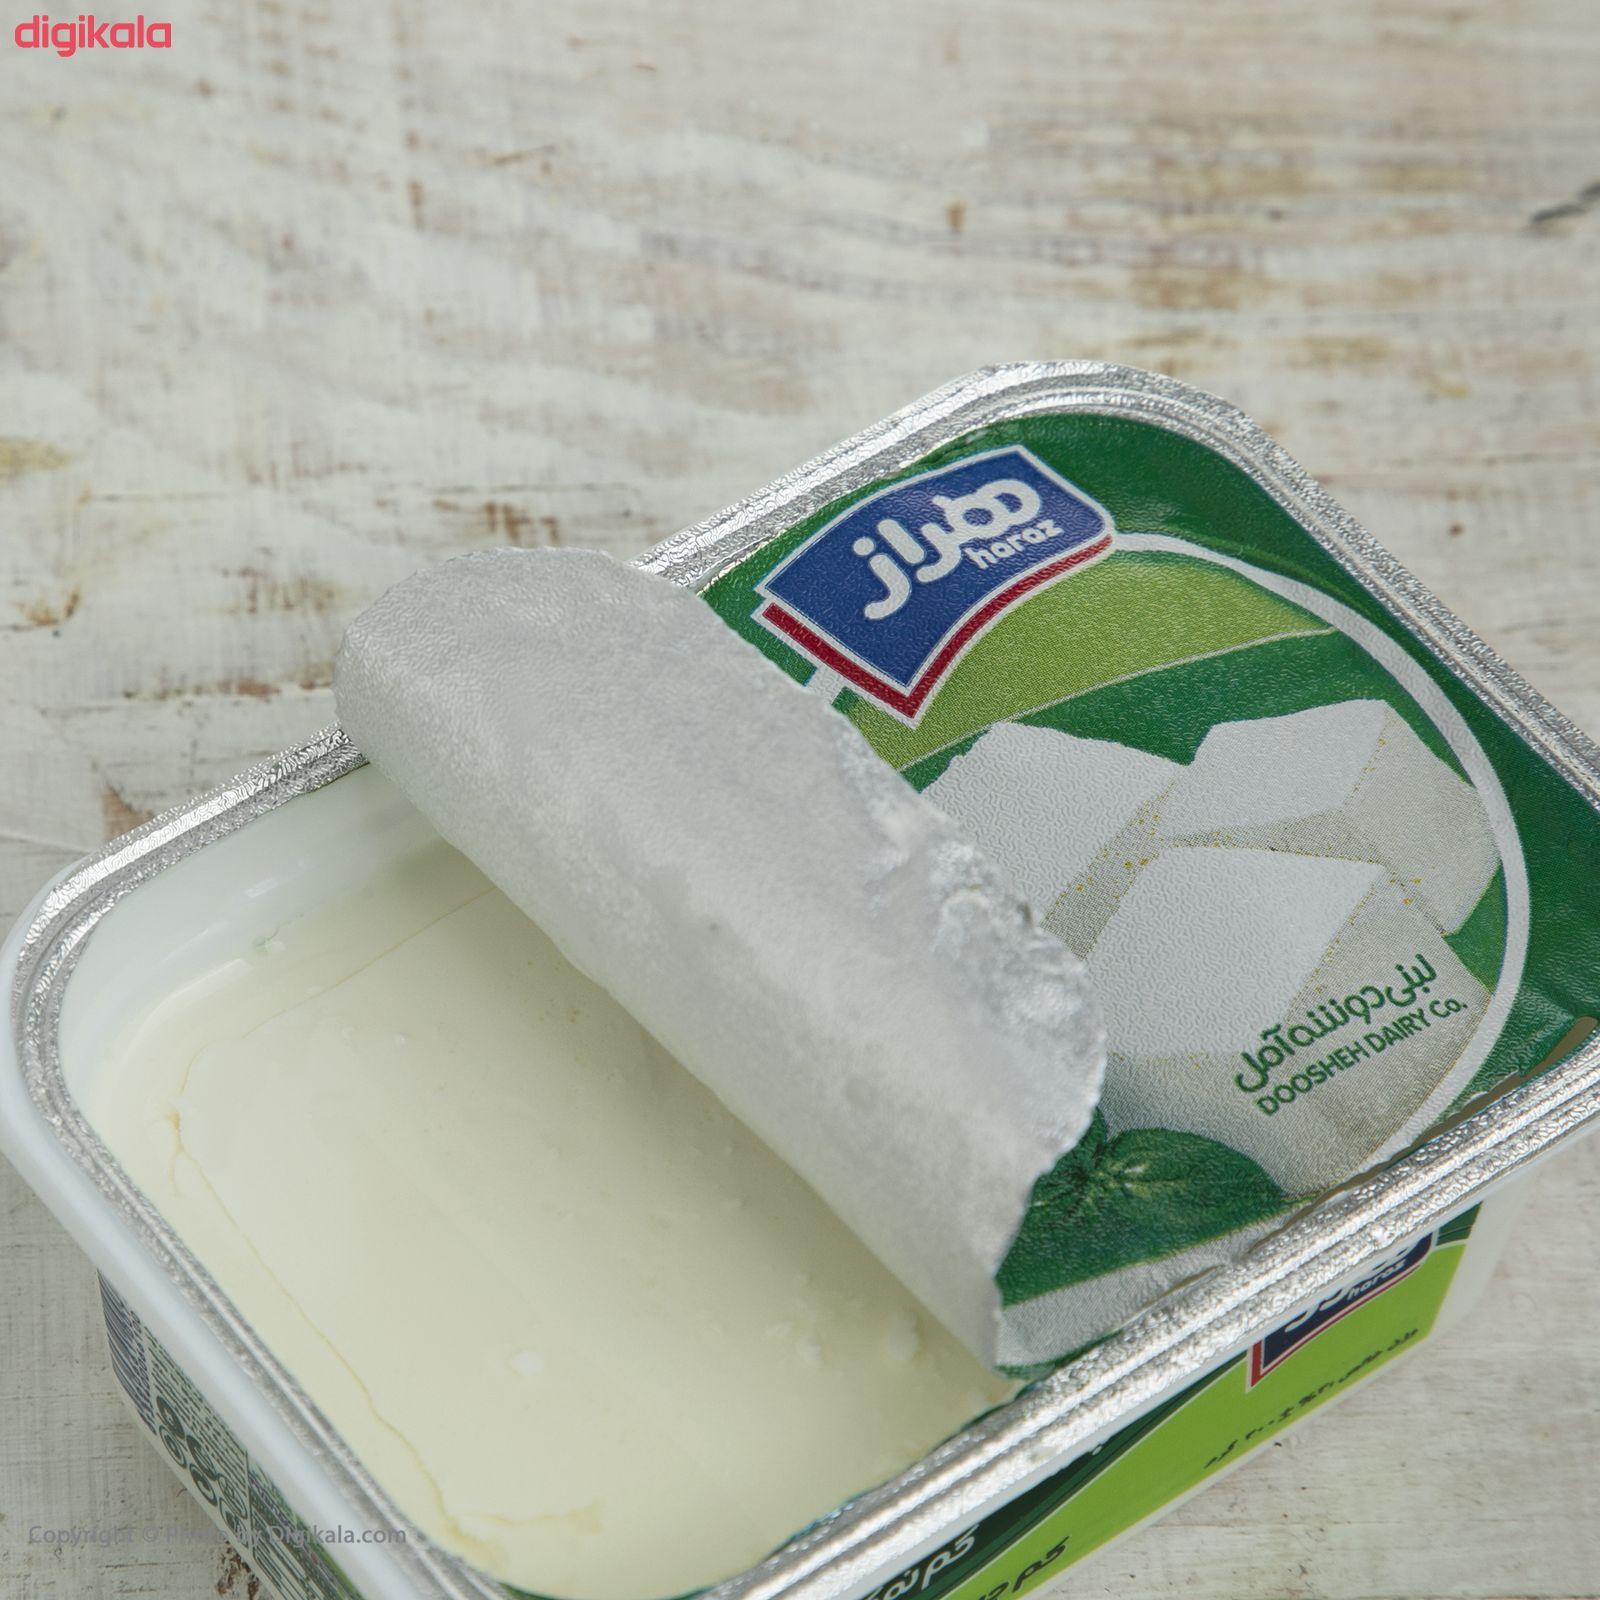 پنیر فتا دوشه کم نمک و کم چرب هراز مقدار 300 گرم main 1 6